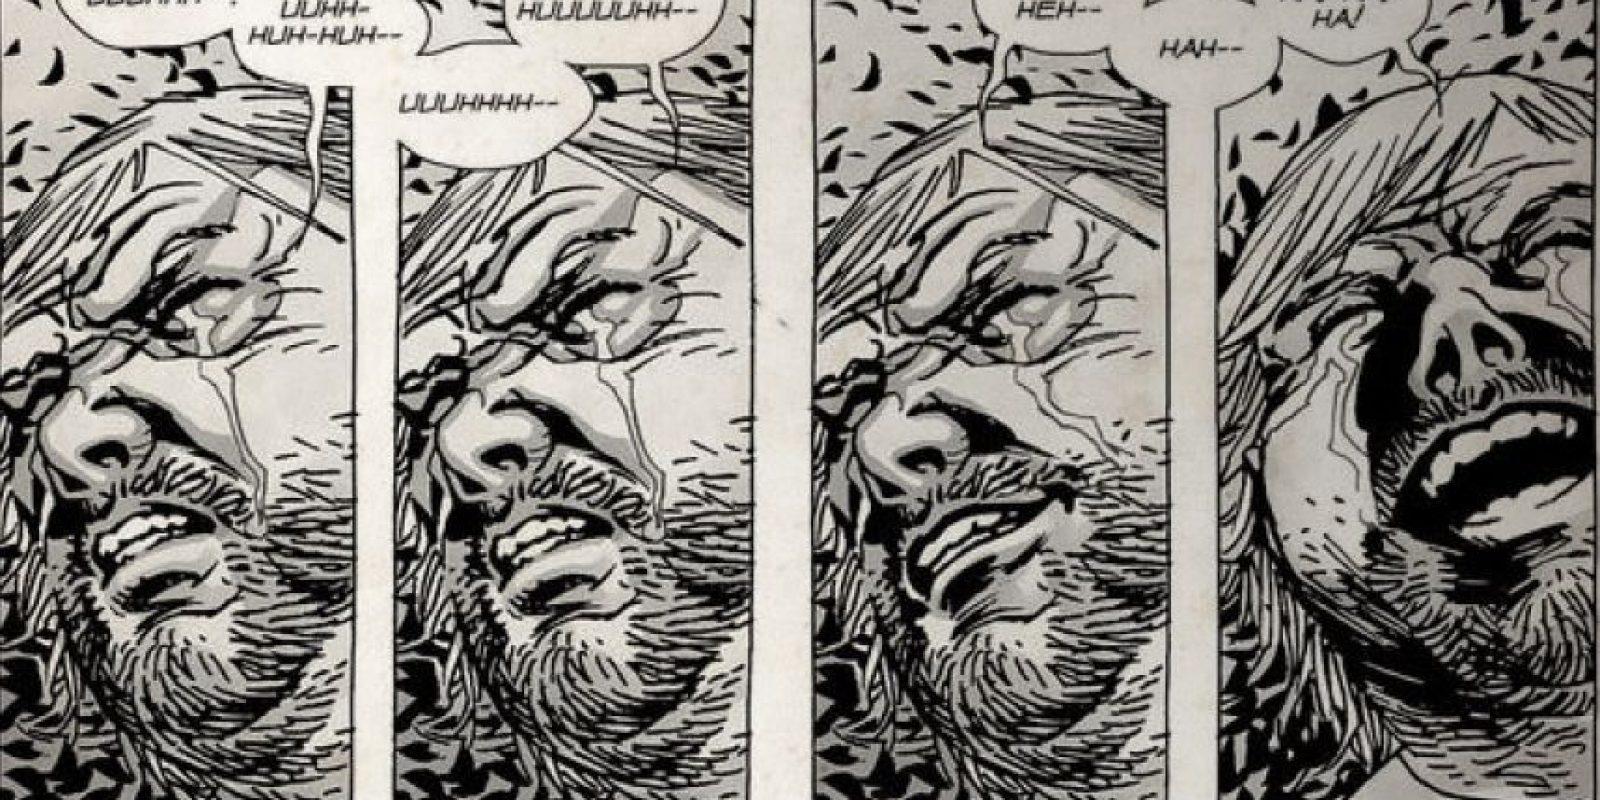 En la serie, muere en una granja por culpa de un zombie, mientras que en el cómic muere tiempo después. Foto:thewalkingdead.com